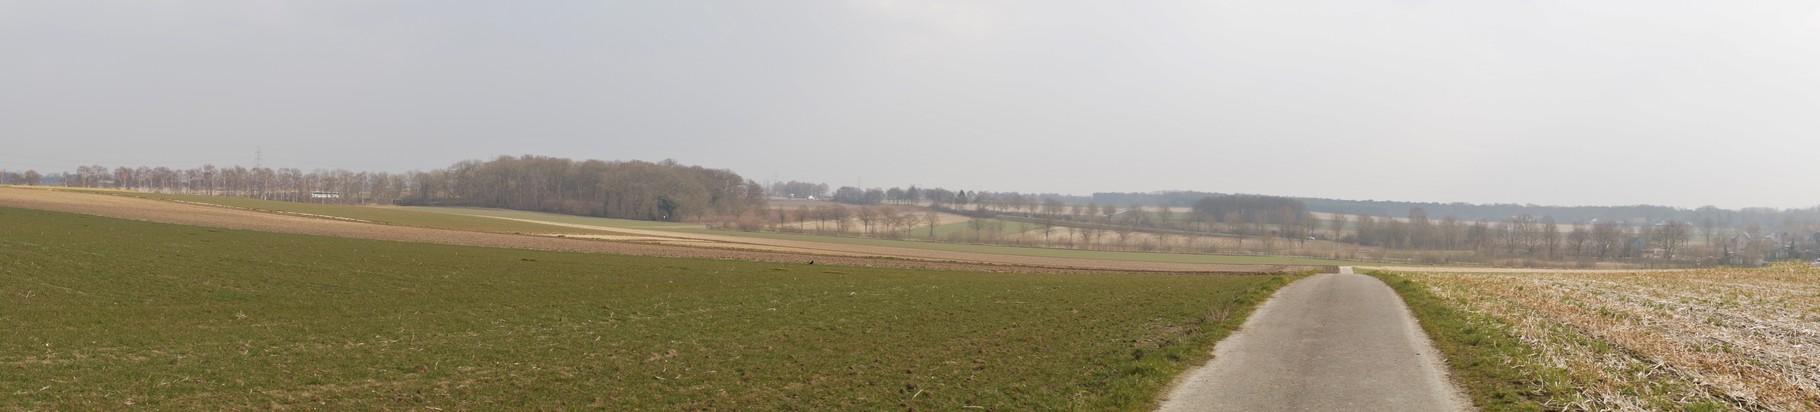 Panoramabild auf einer Anhöhe (Von Suesterseel kommend Richtung Höngen)